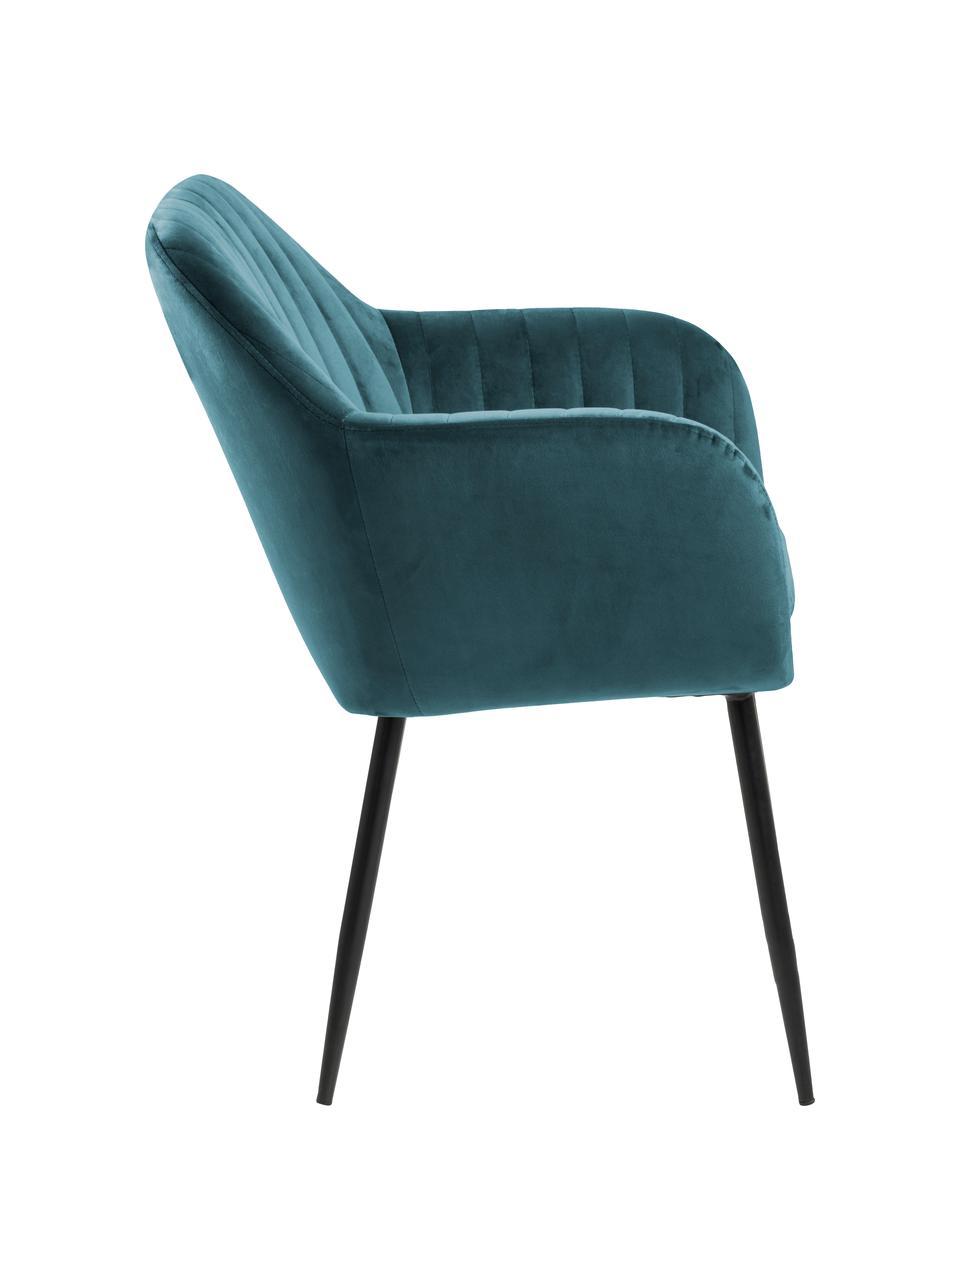 Chaise velours bleu vert avec accoudoirs Emilia, Velours bleu, pieds noir